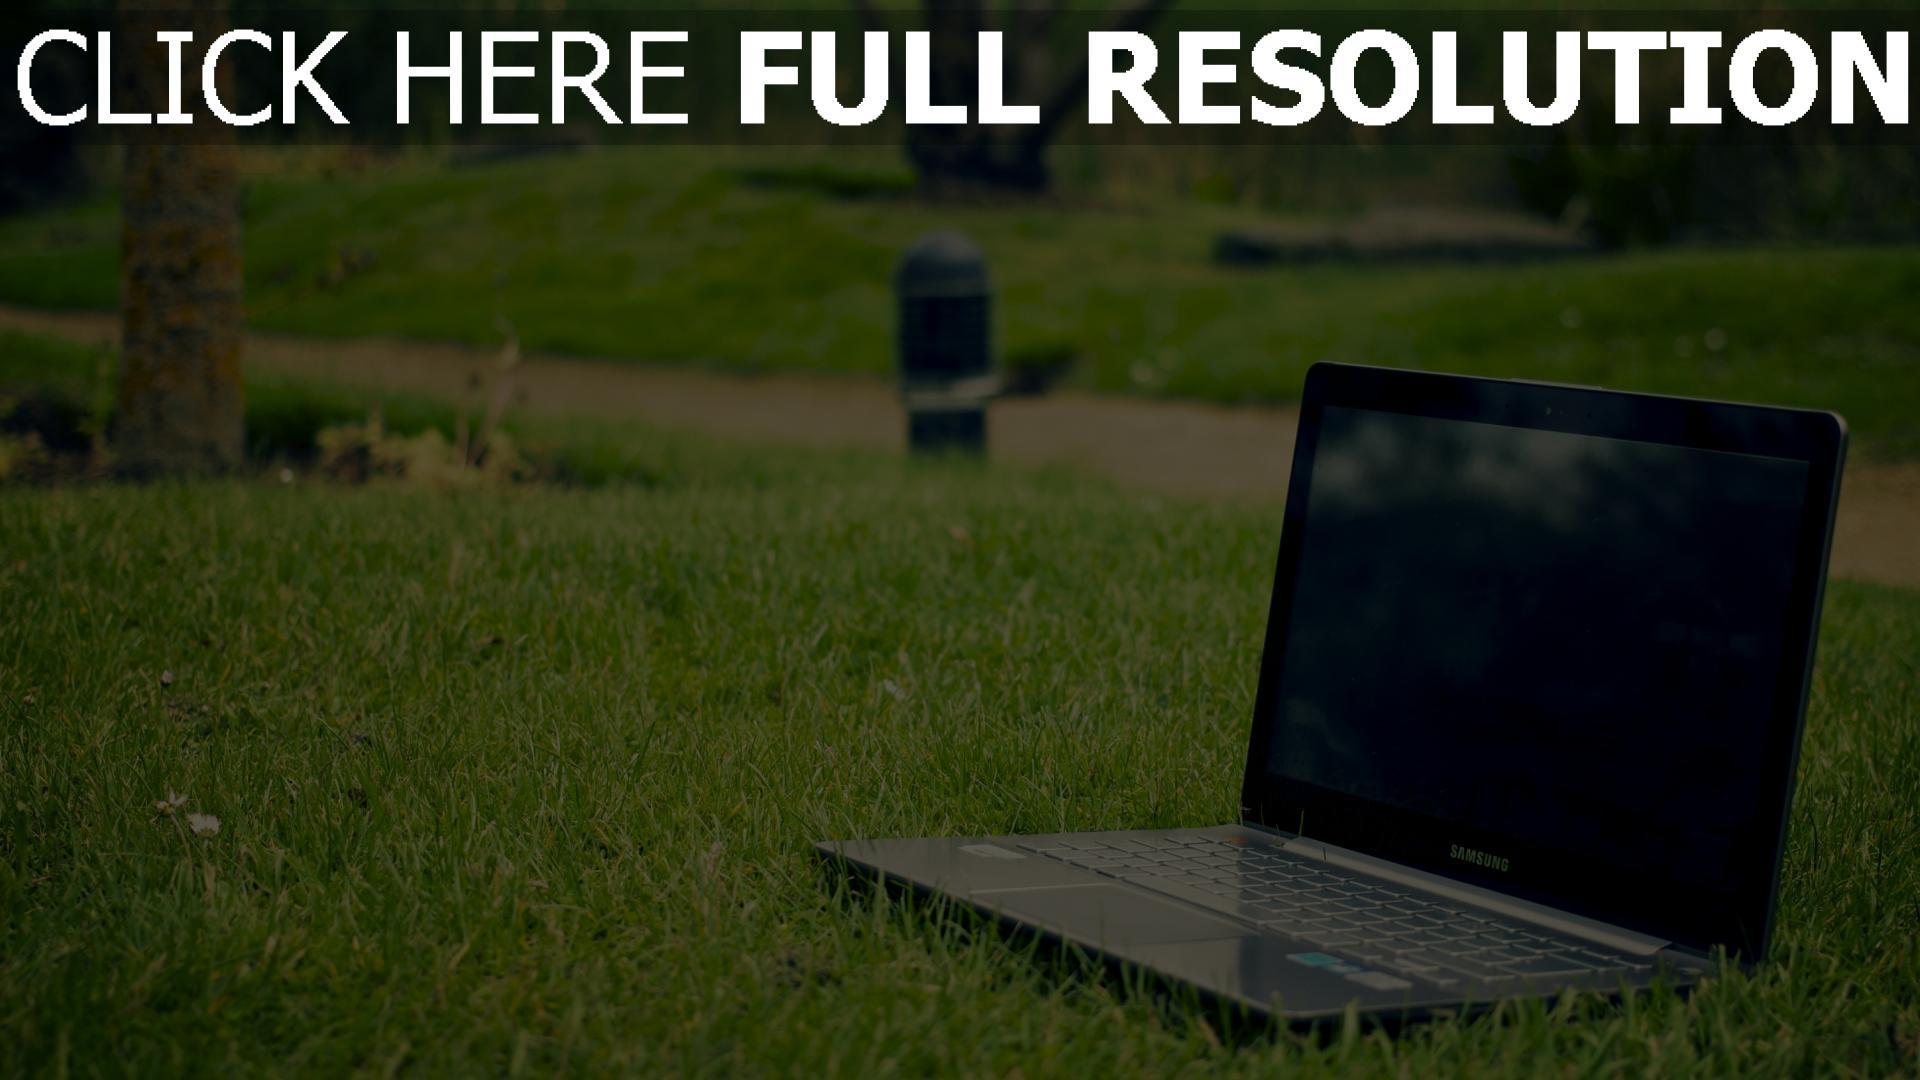 hd hintergrundbilder samsung laptop gras 1920x1080